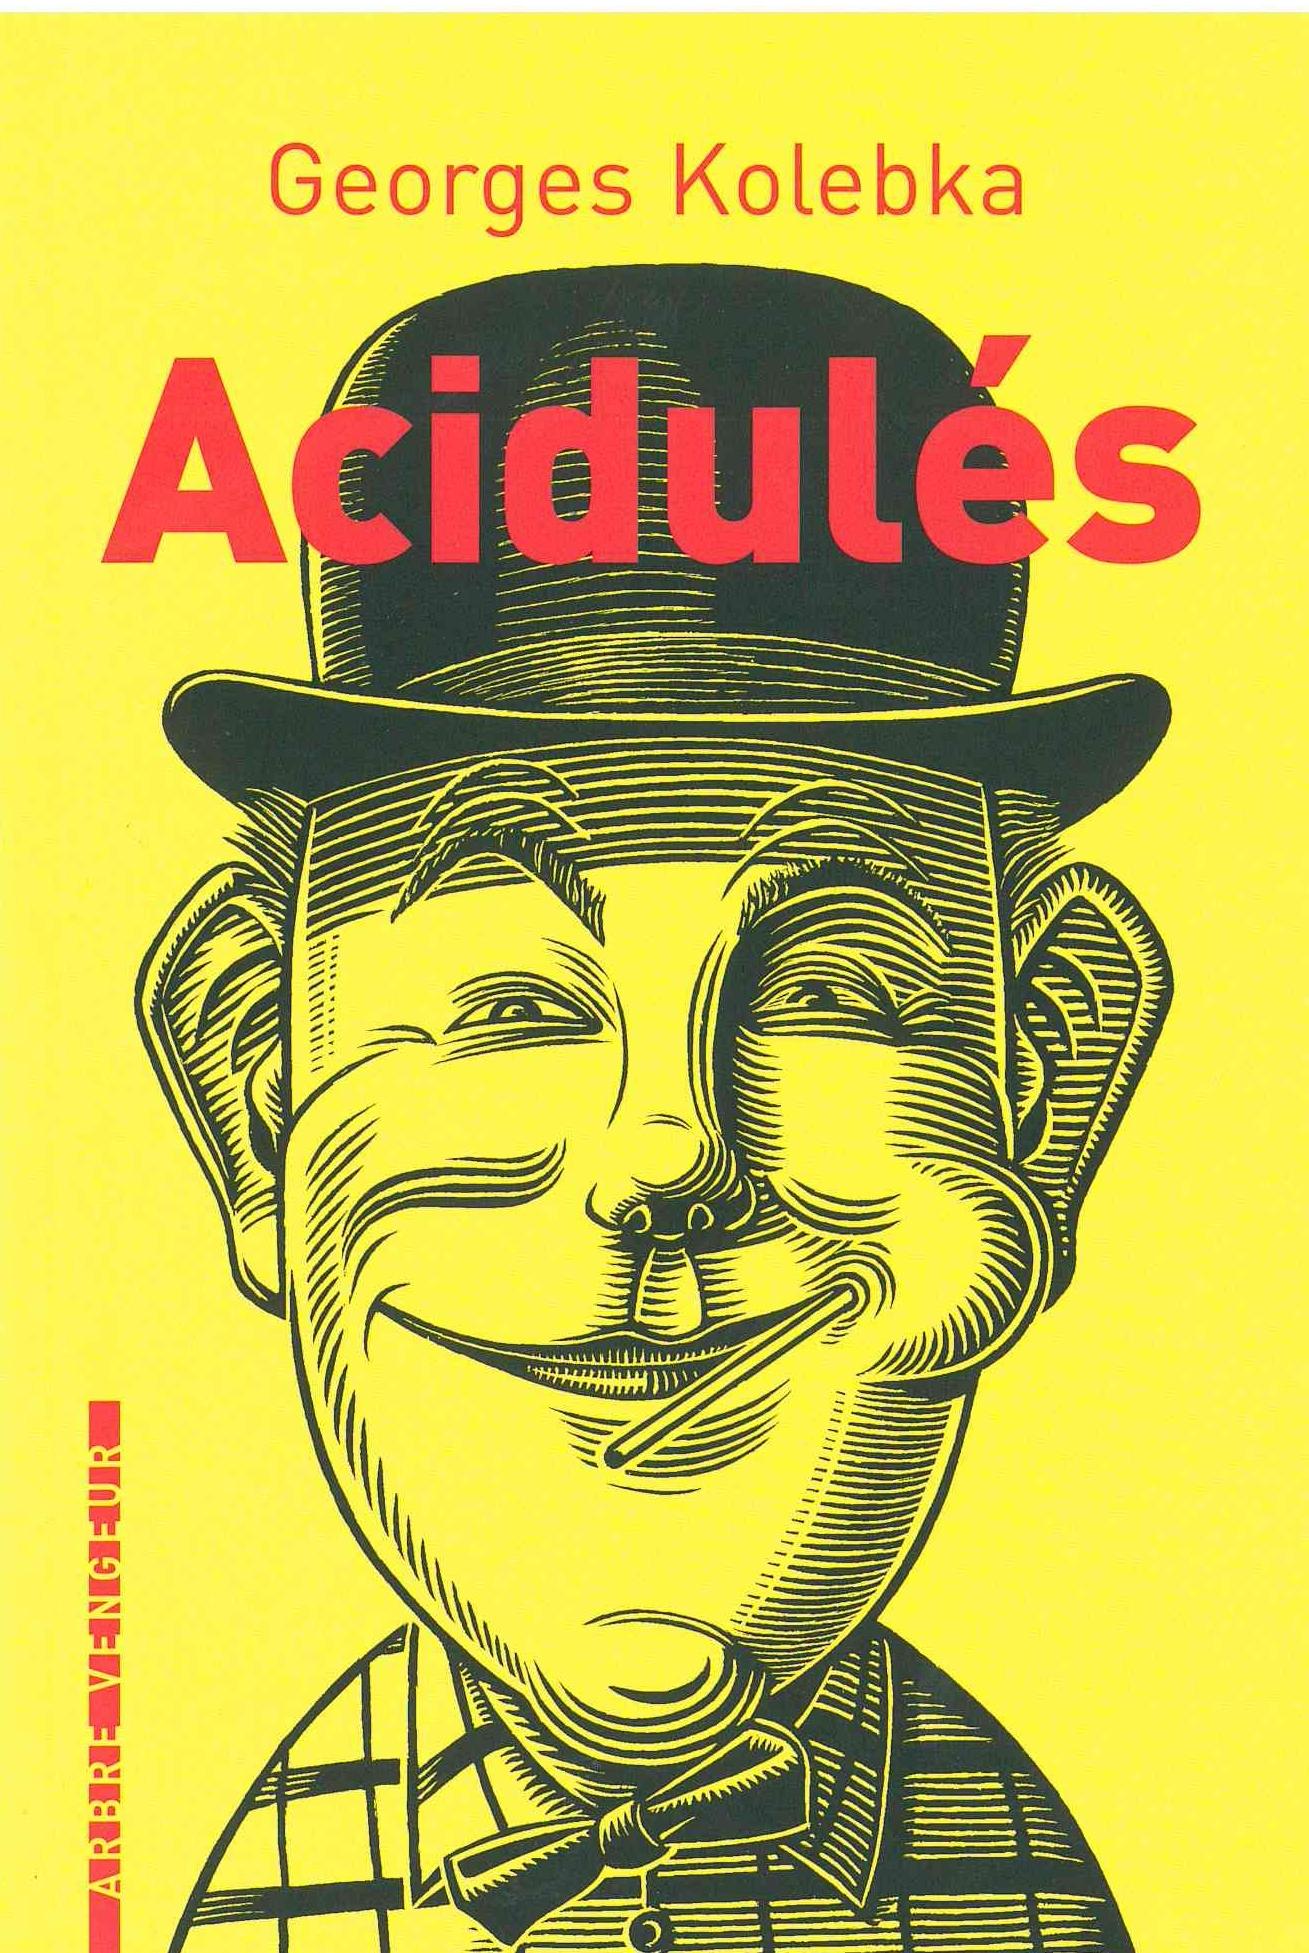 ACIDULES